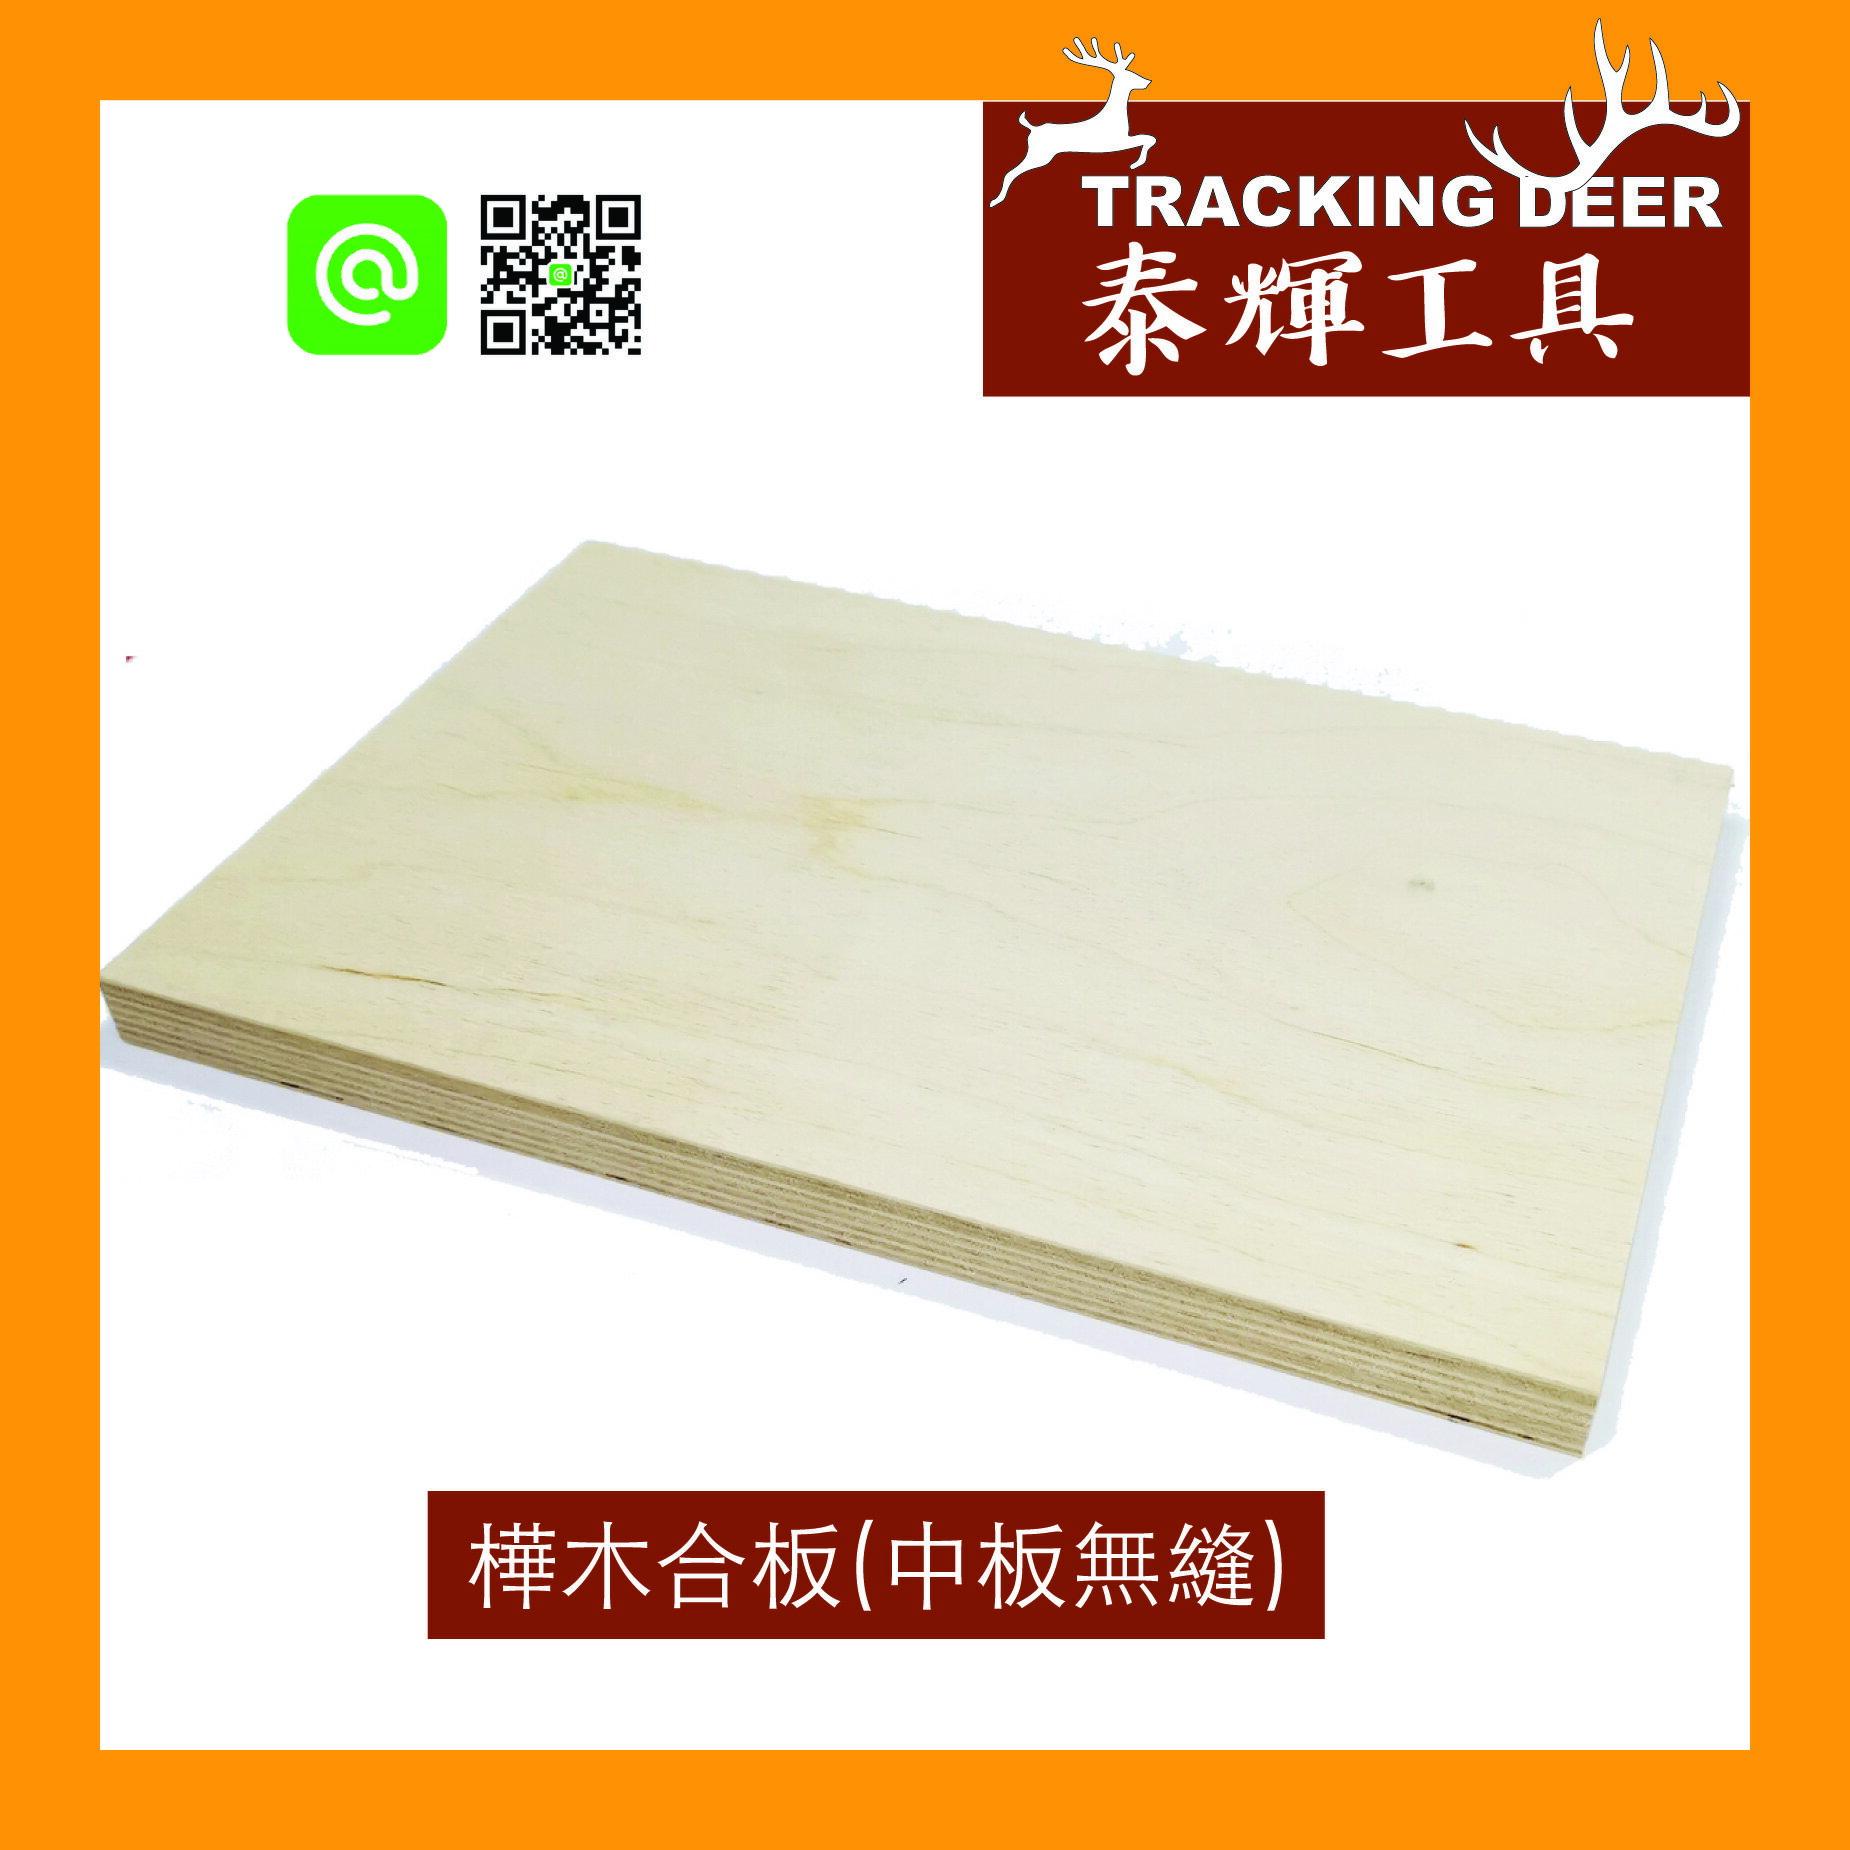 【樺木合板】木板裁切 木材 DIY 藝 線鋸作品教材 製作彩繪 蝶古巴特木胚